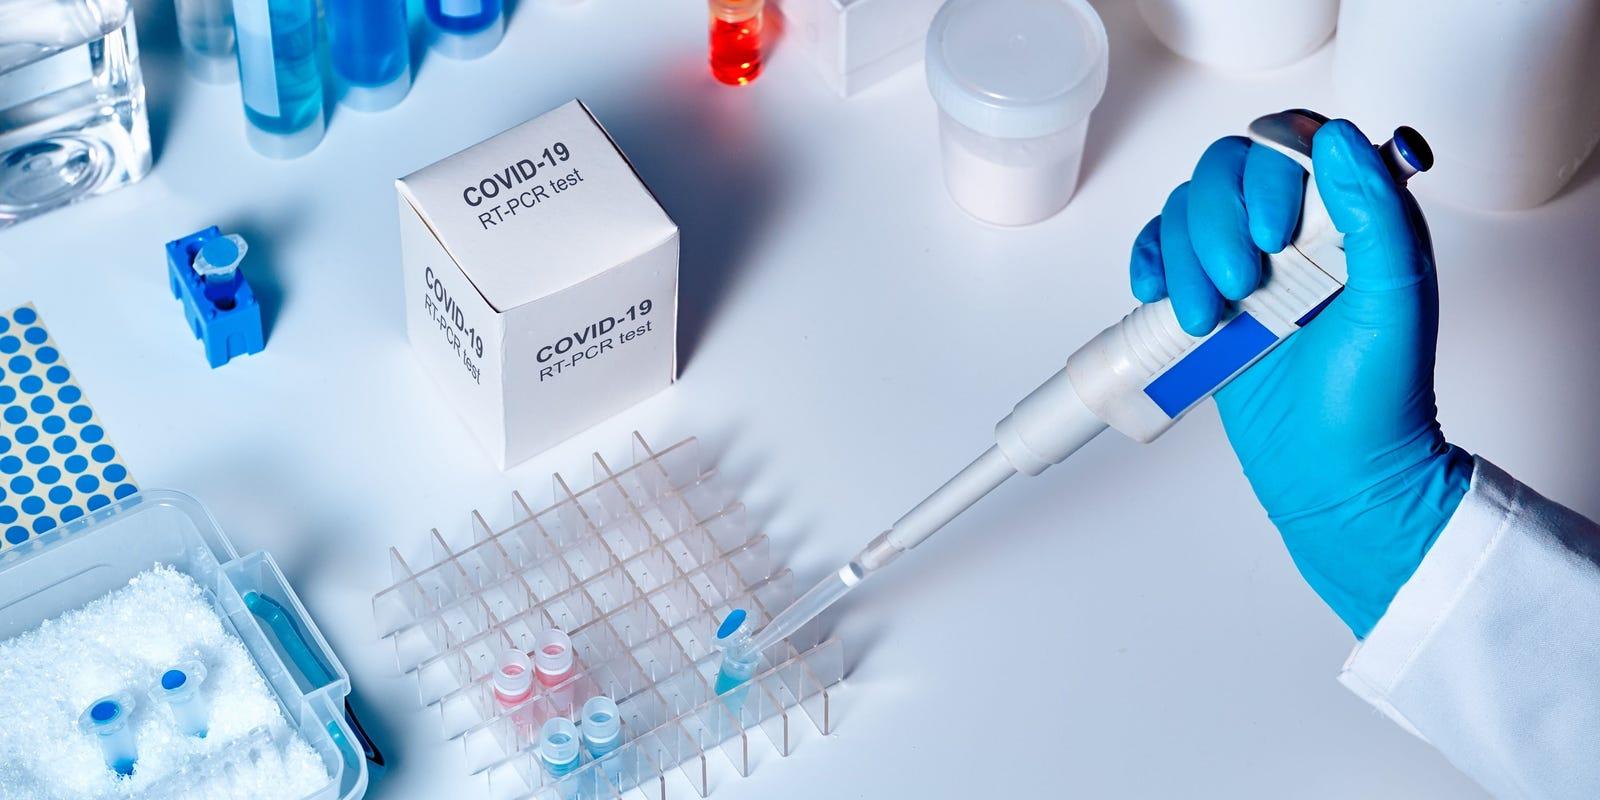 Тест на отсутствие коронавируса